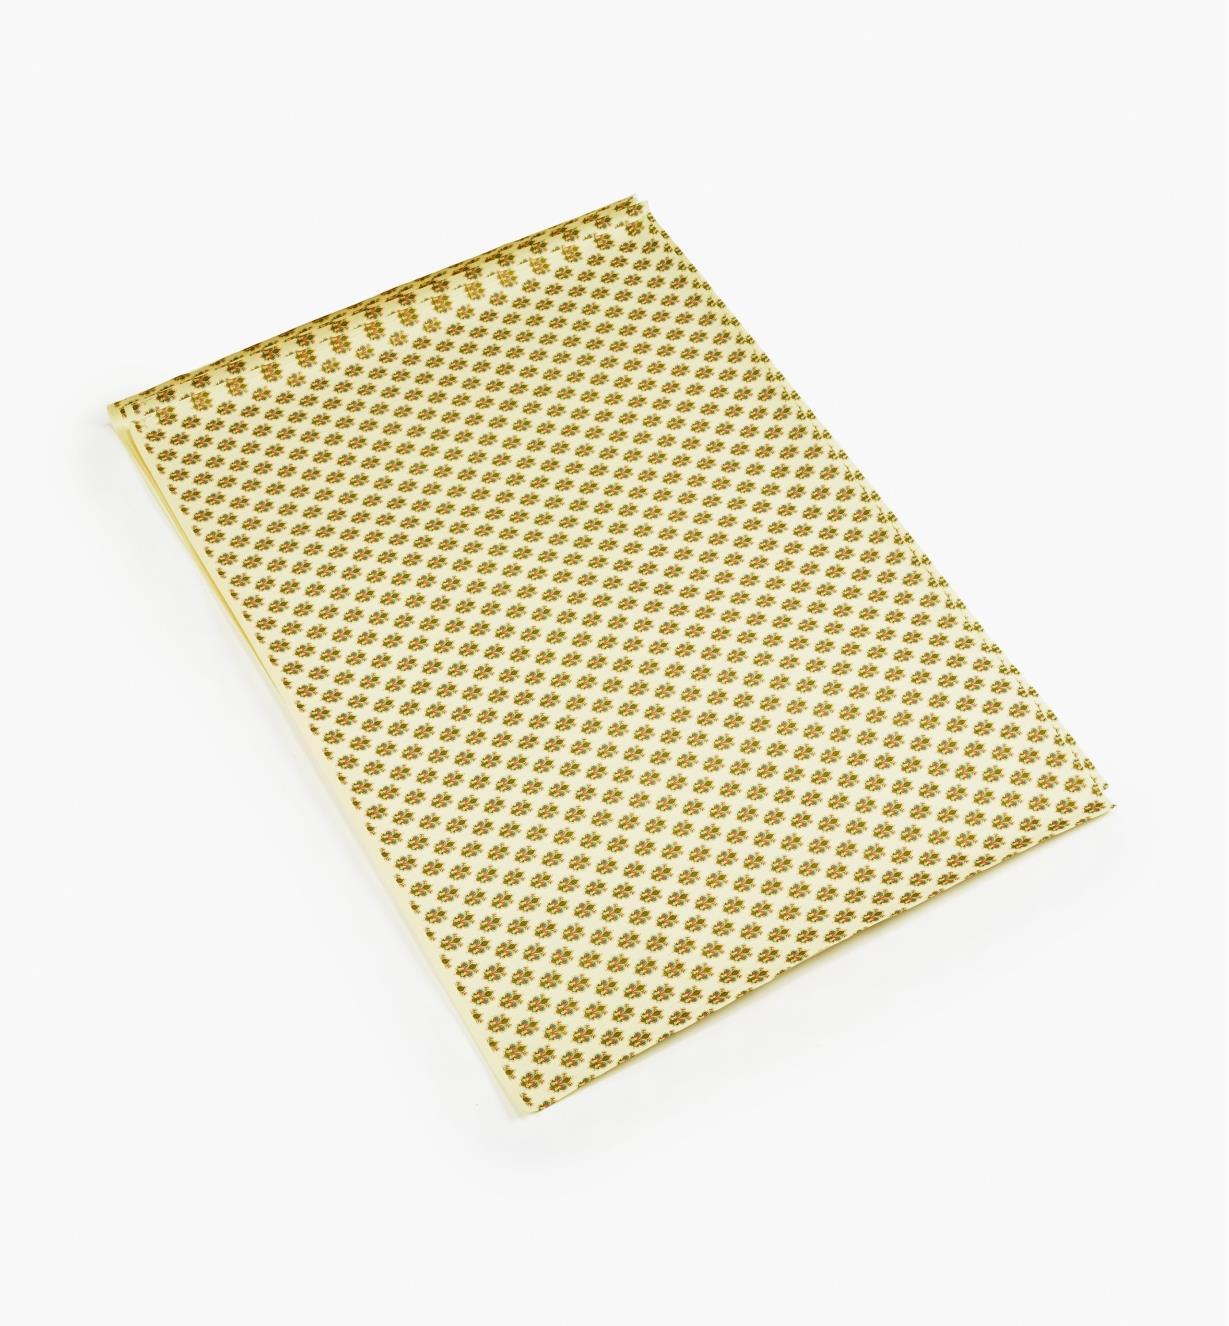 01A4951 - Gold Fleur-de-Lis